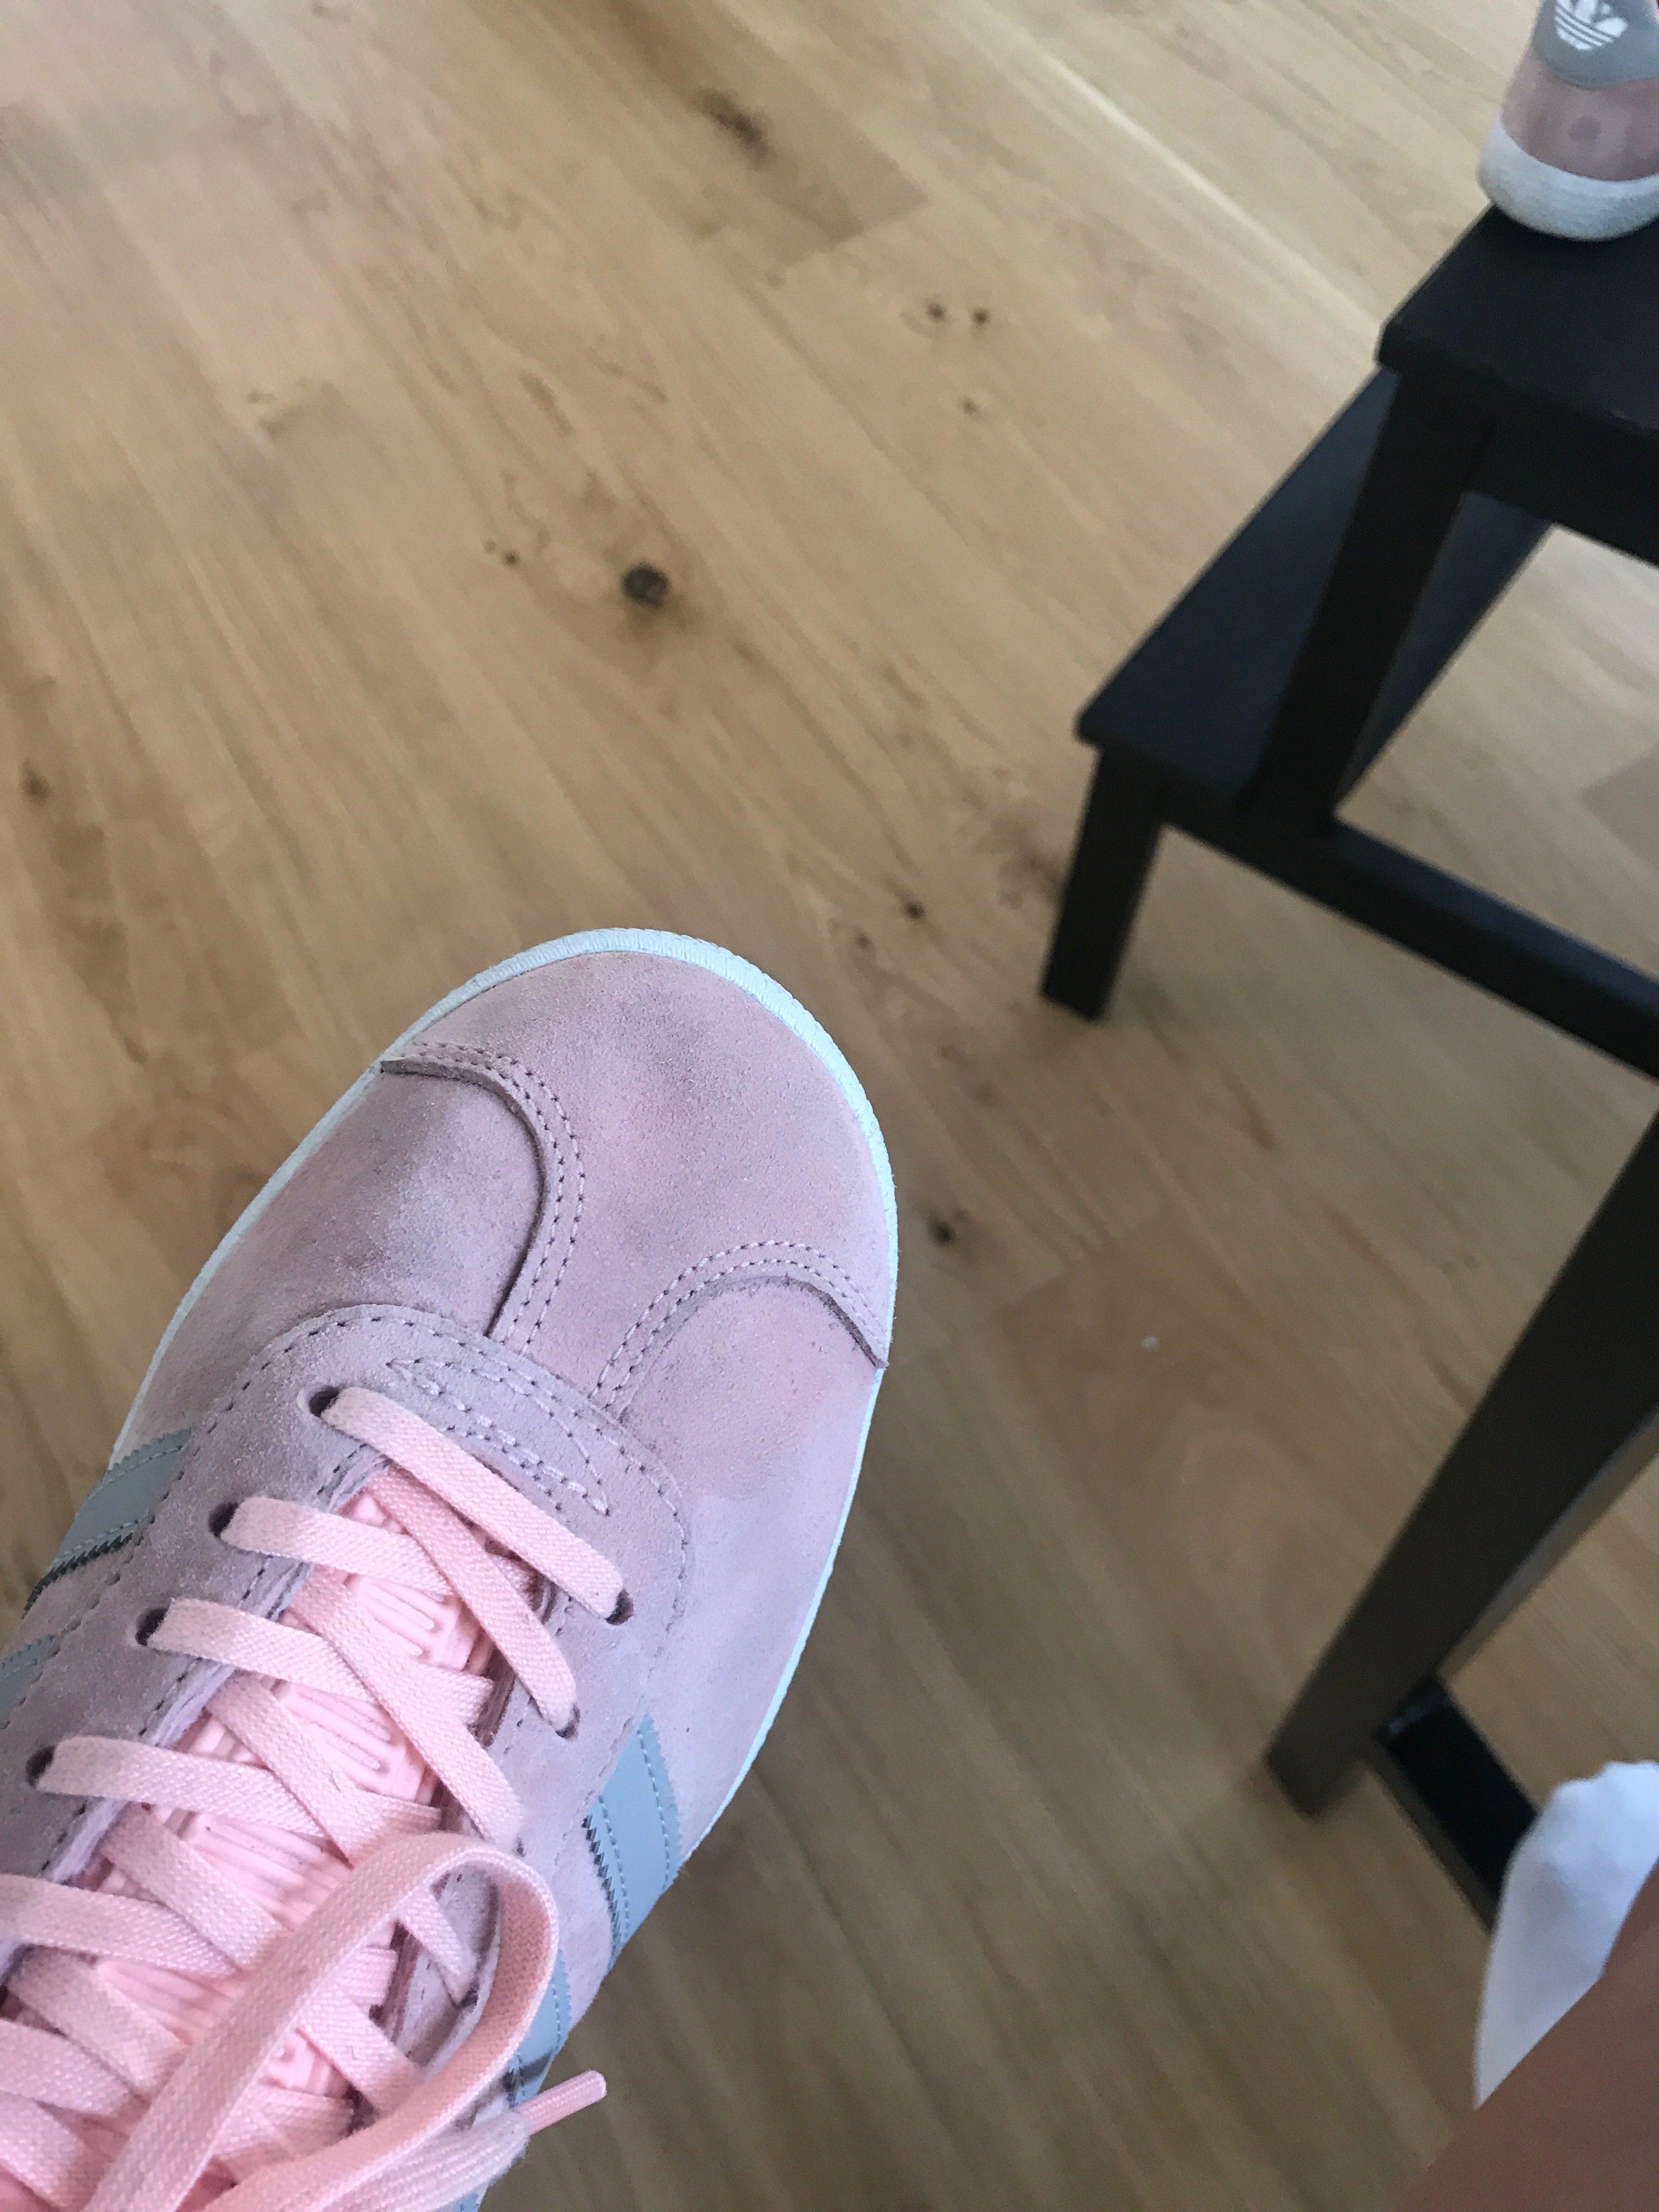 lägre pris med försäljning usa online uttag online Rengör dina mocka Sneakers! (Tips) - Fannie Redman - Metro Mode